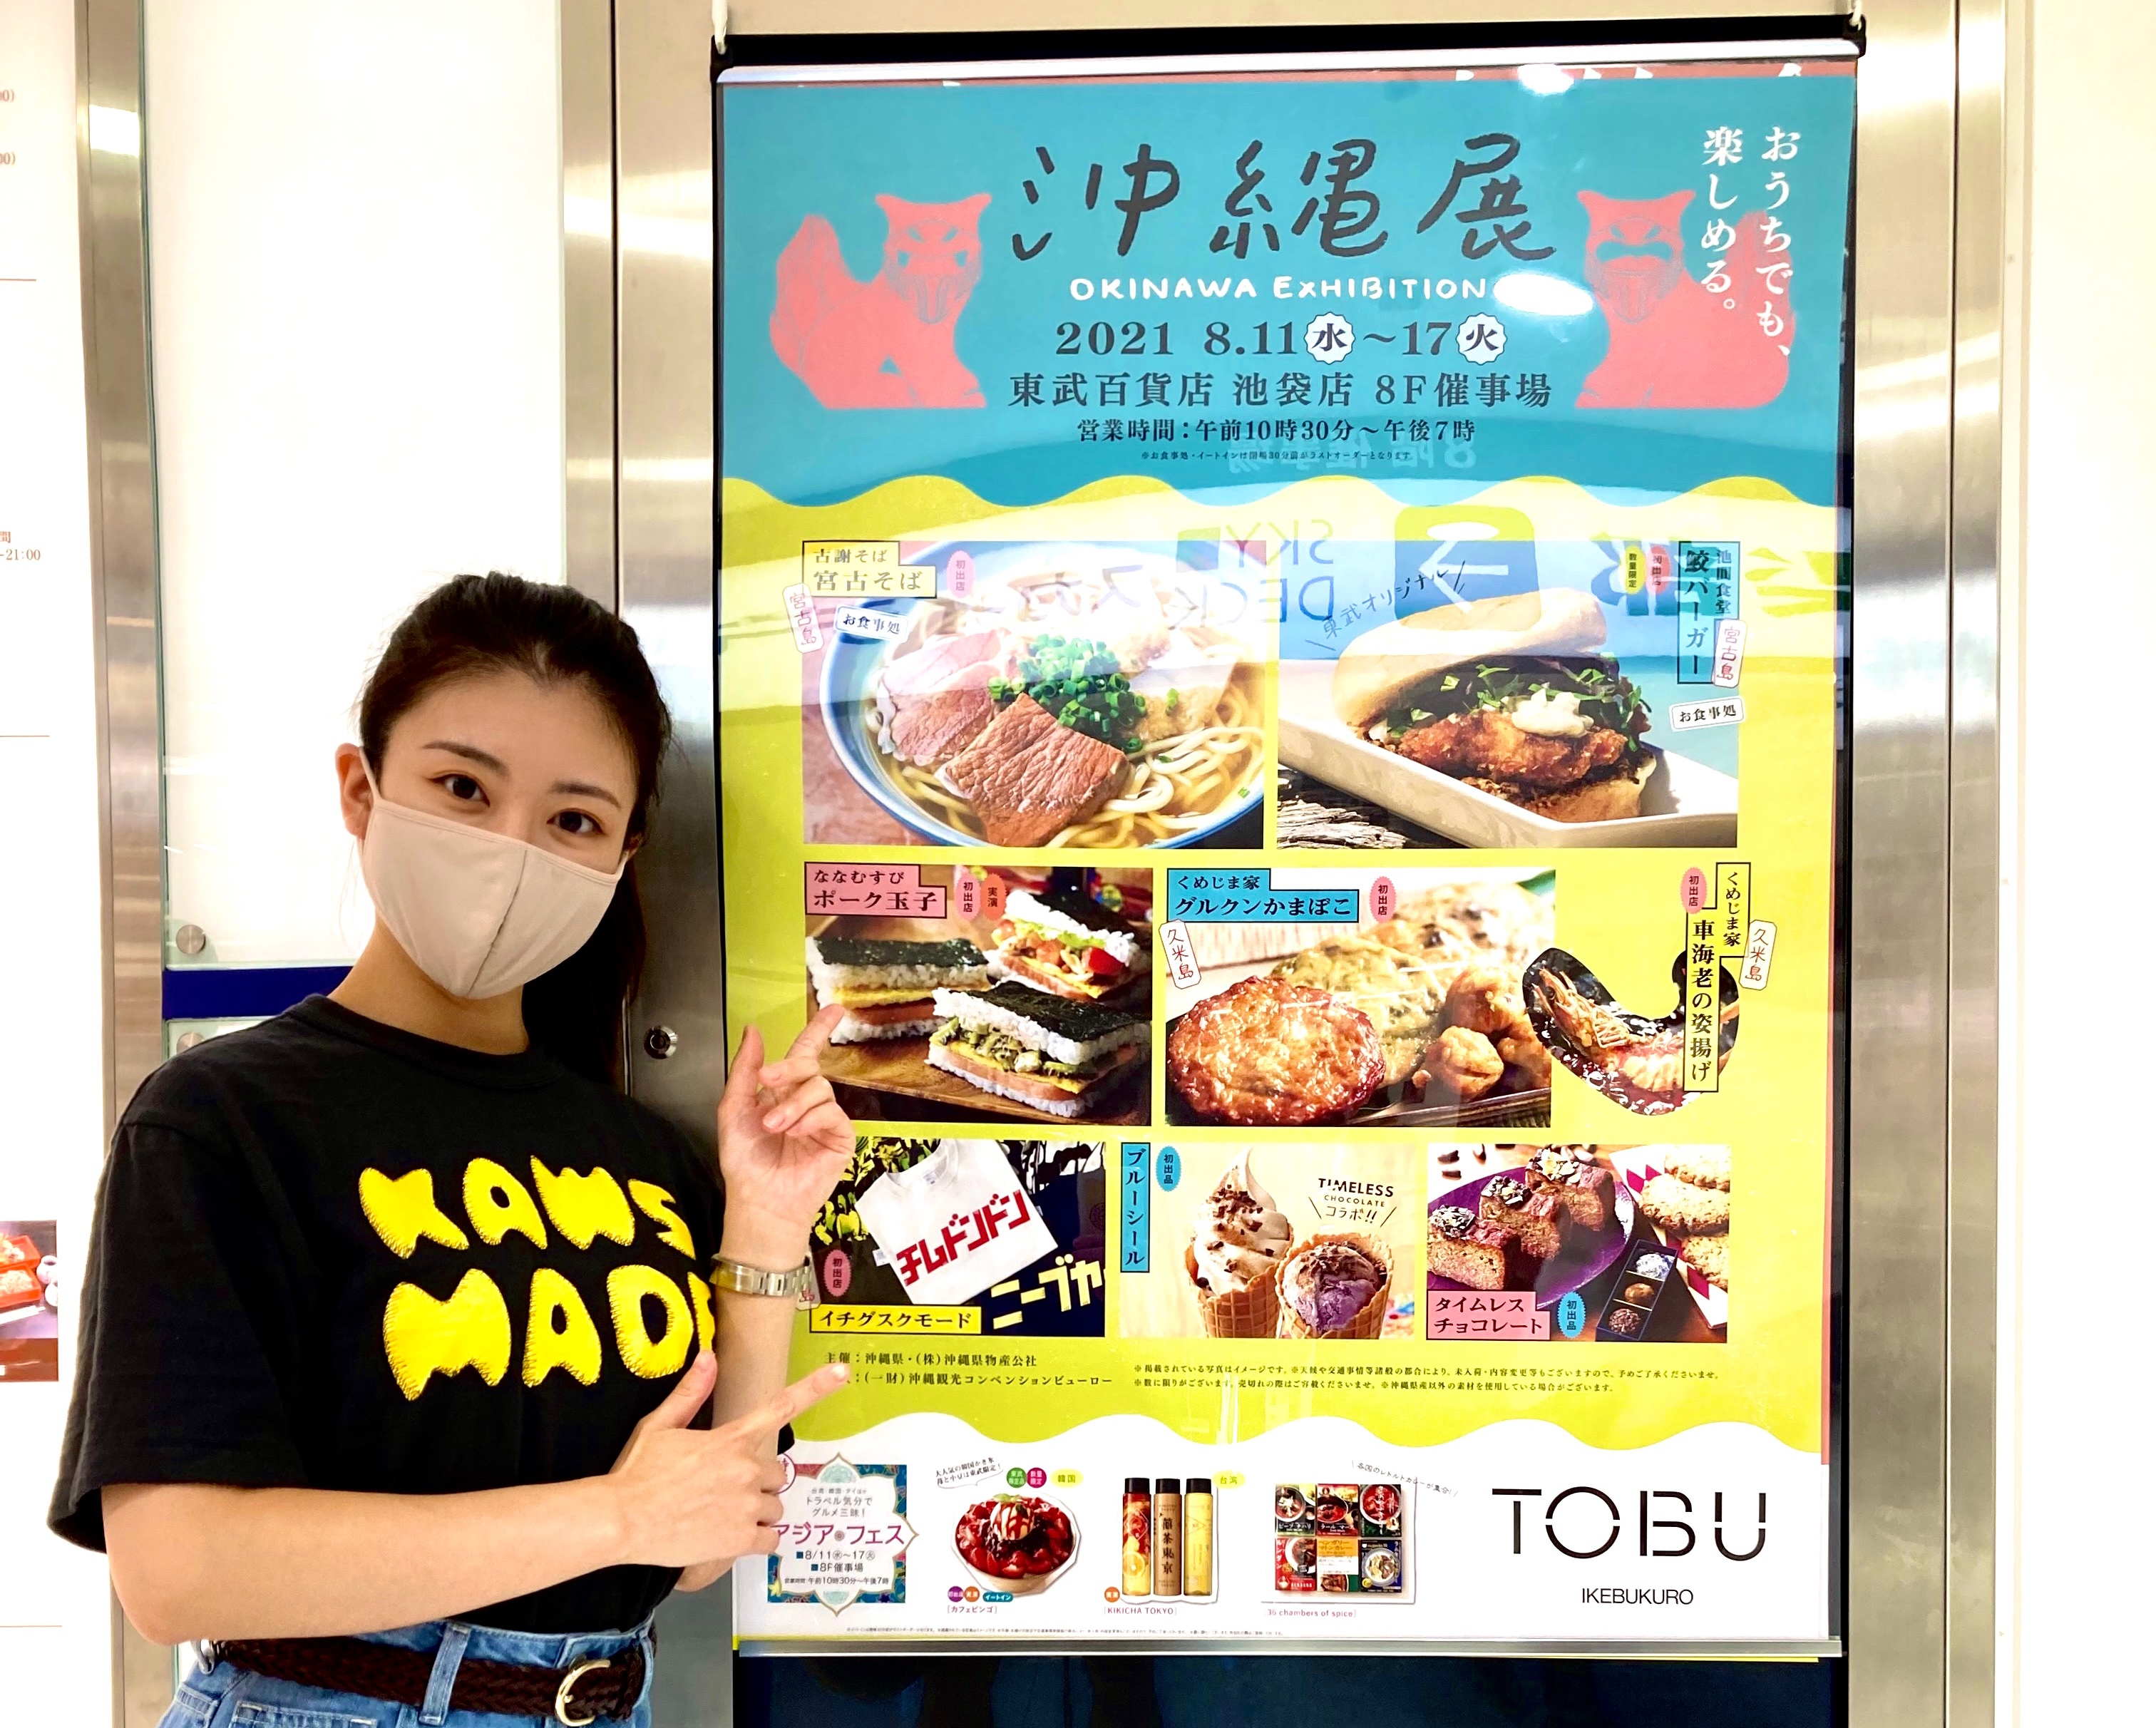 【沖縄物産展】東武池袋で開催している九州•沖縄物産展へ行ってきました。_1